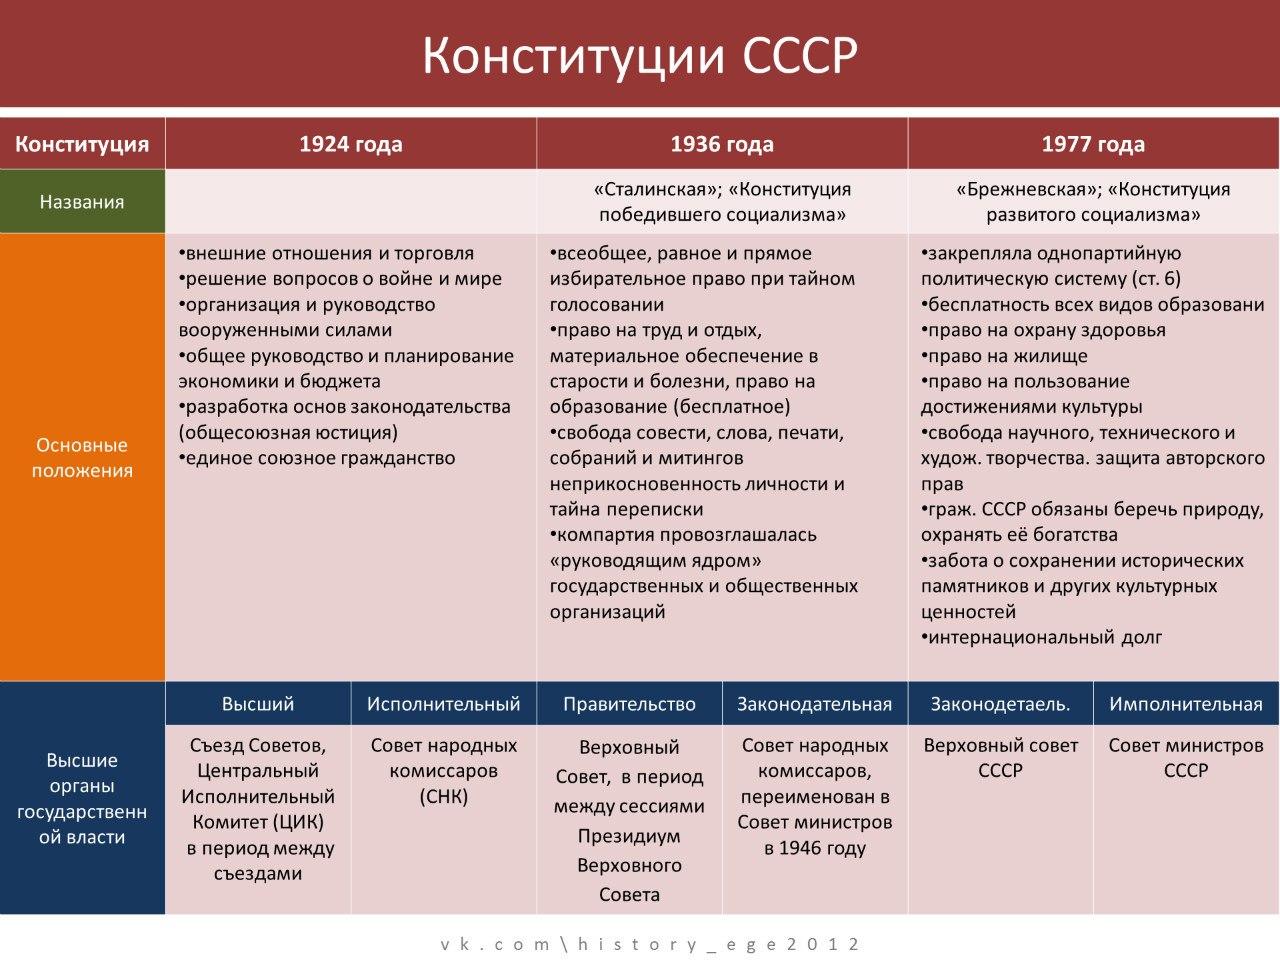 Разработка И Принятие Основных Положений Конституции Ссср 1936 Г Шпаргалка